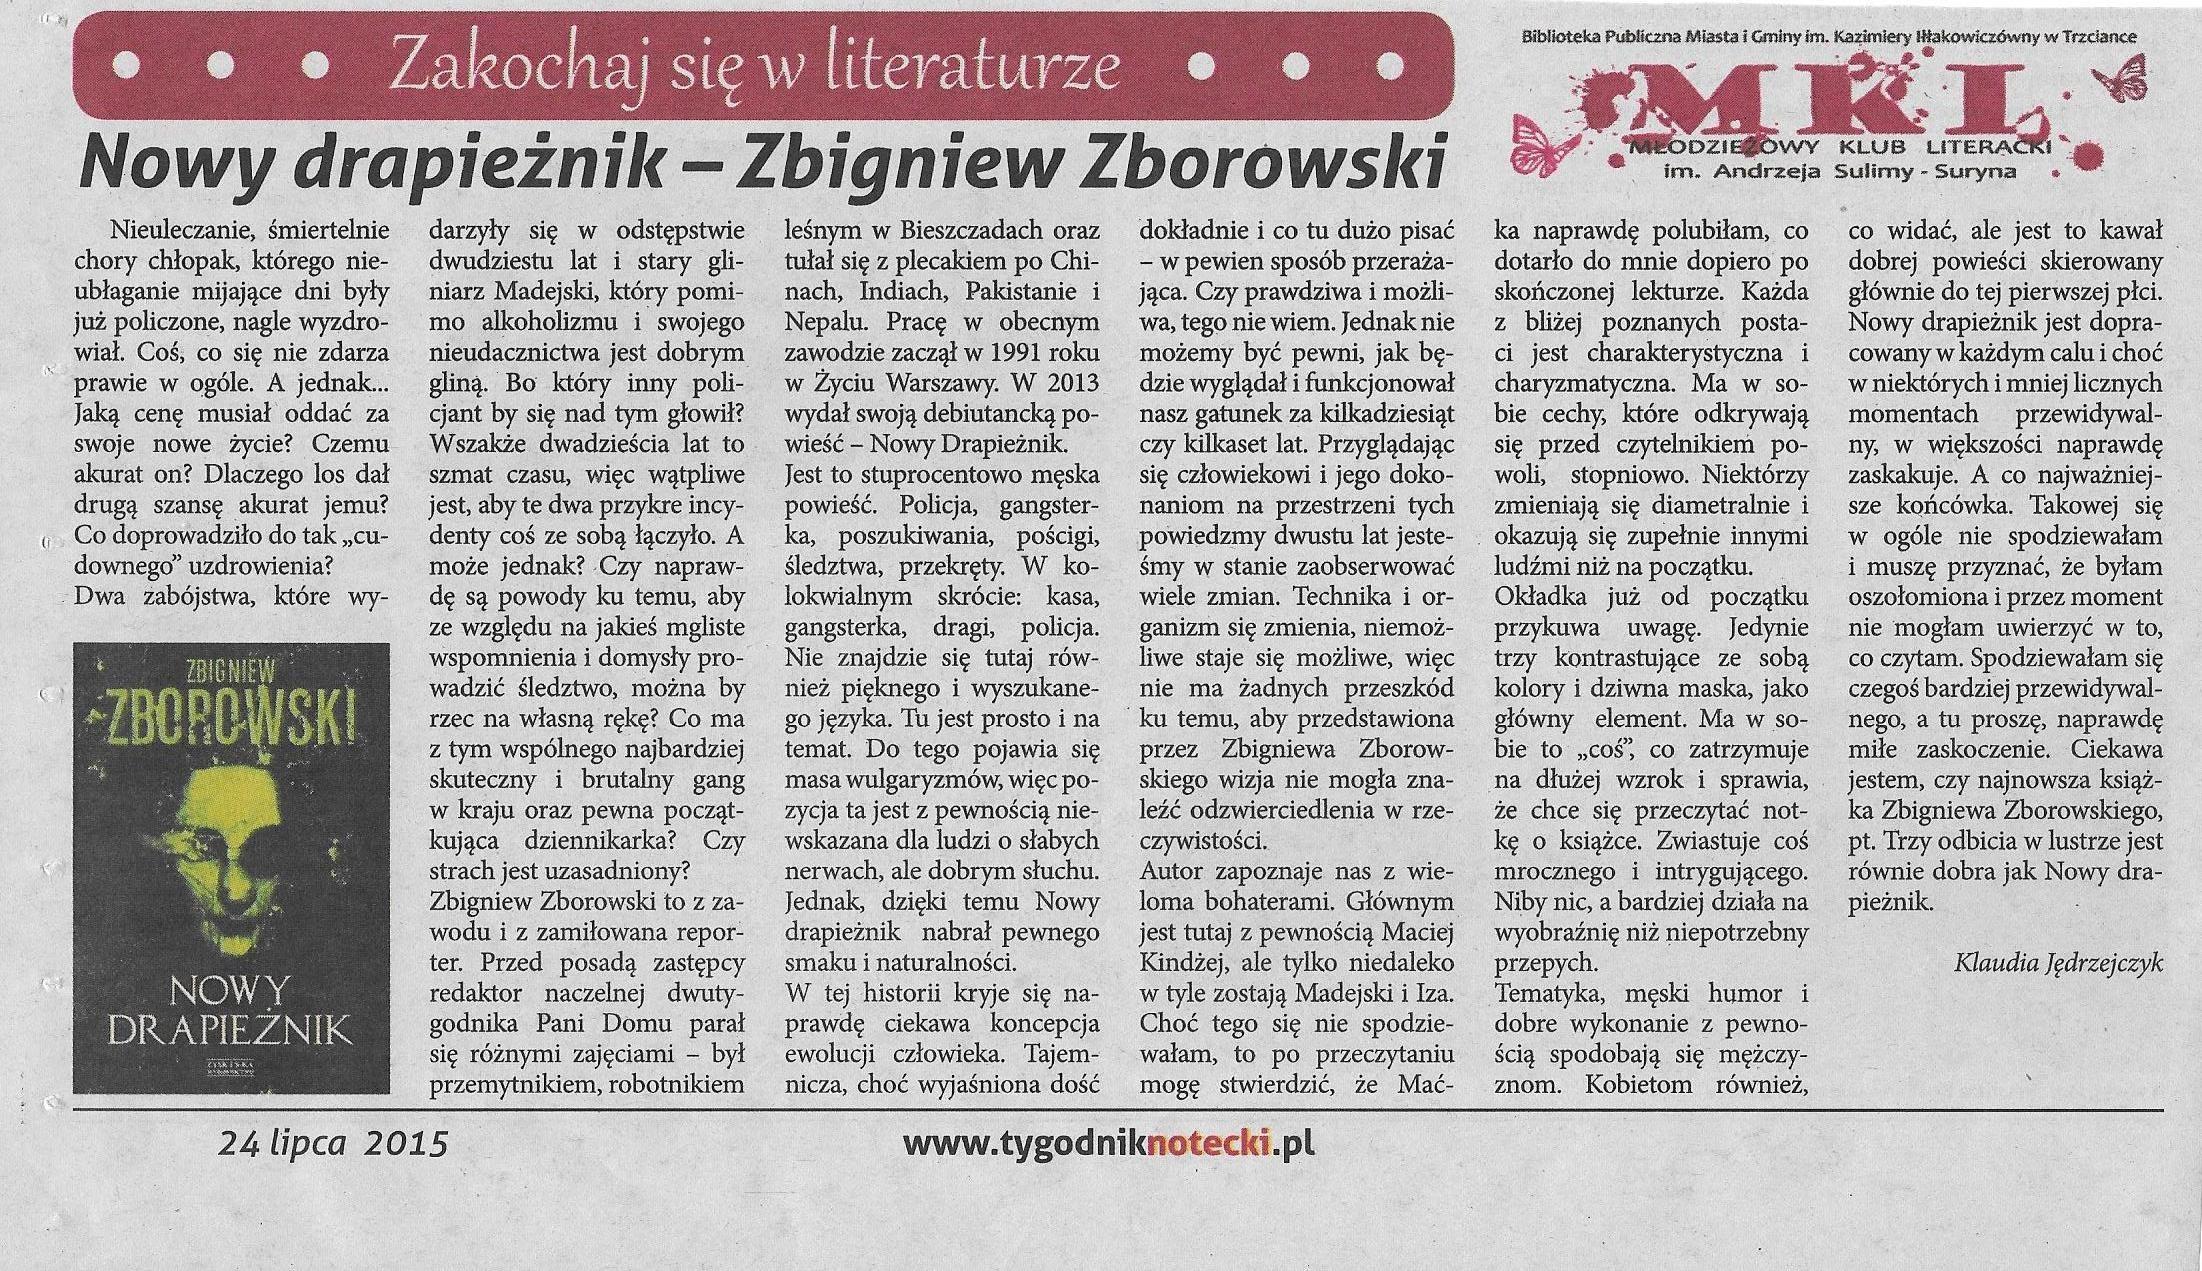 Photo: http://szeptksiazek.blogspot.com/2013/12/nowy-drapieznik-zbigniew-zborowski.html